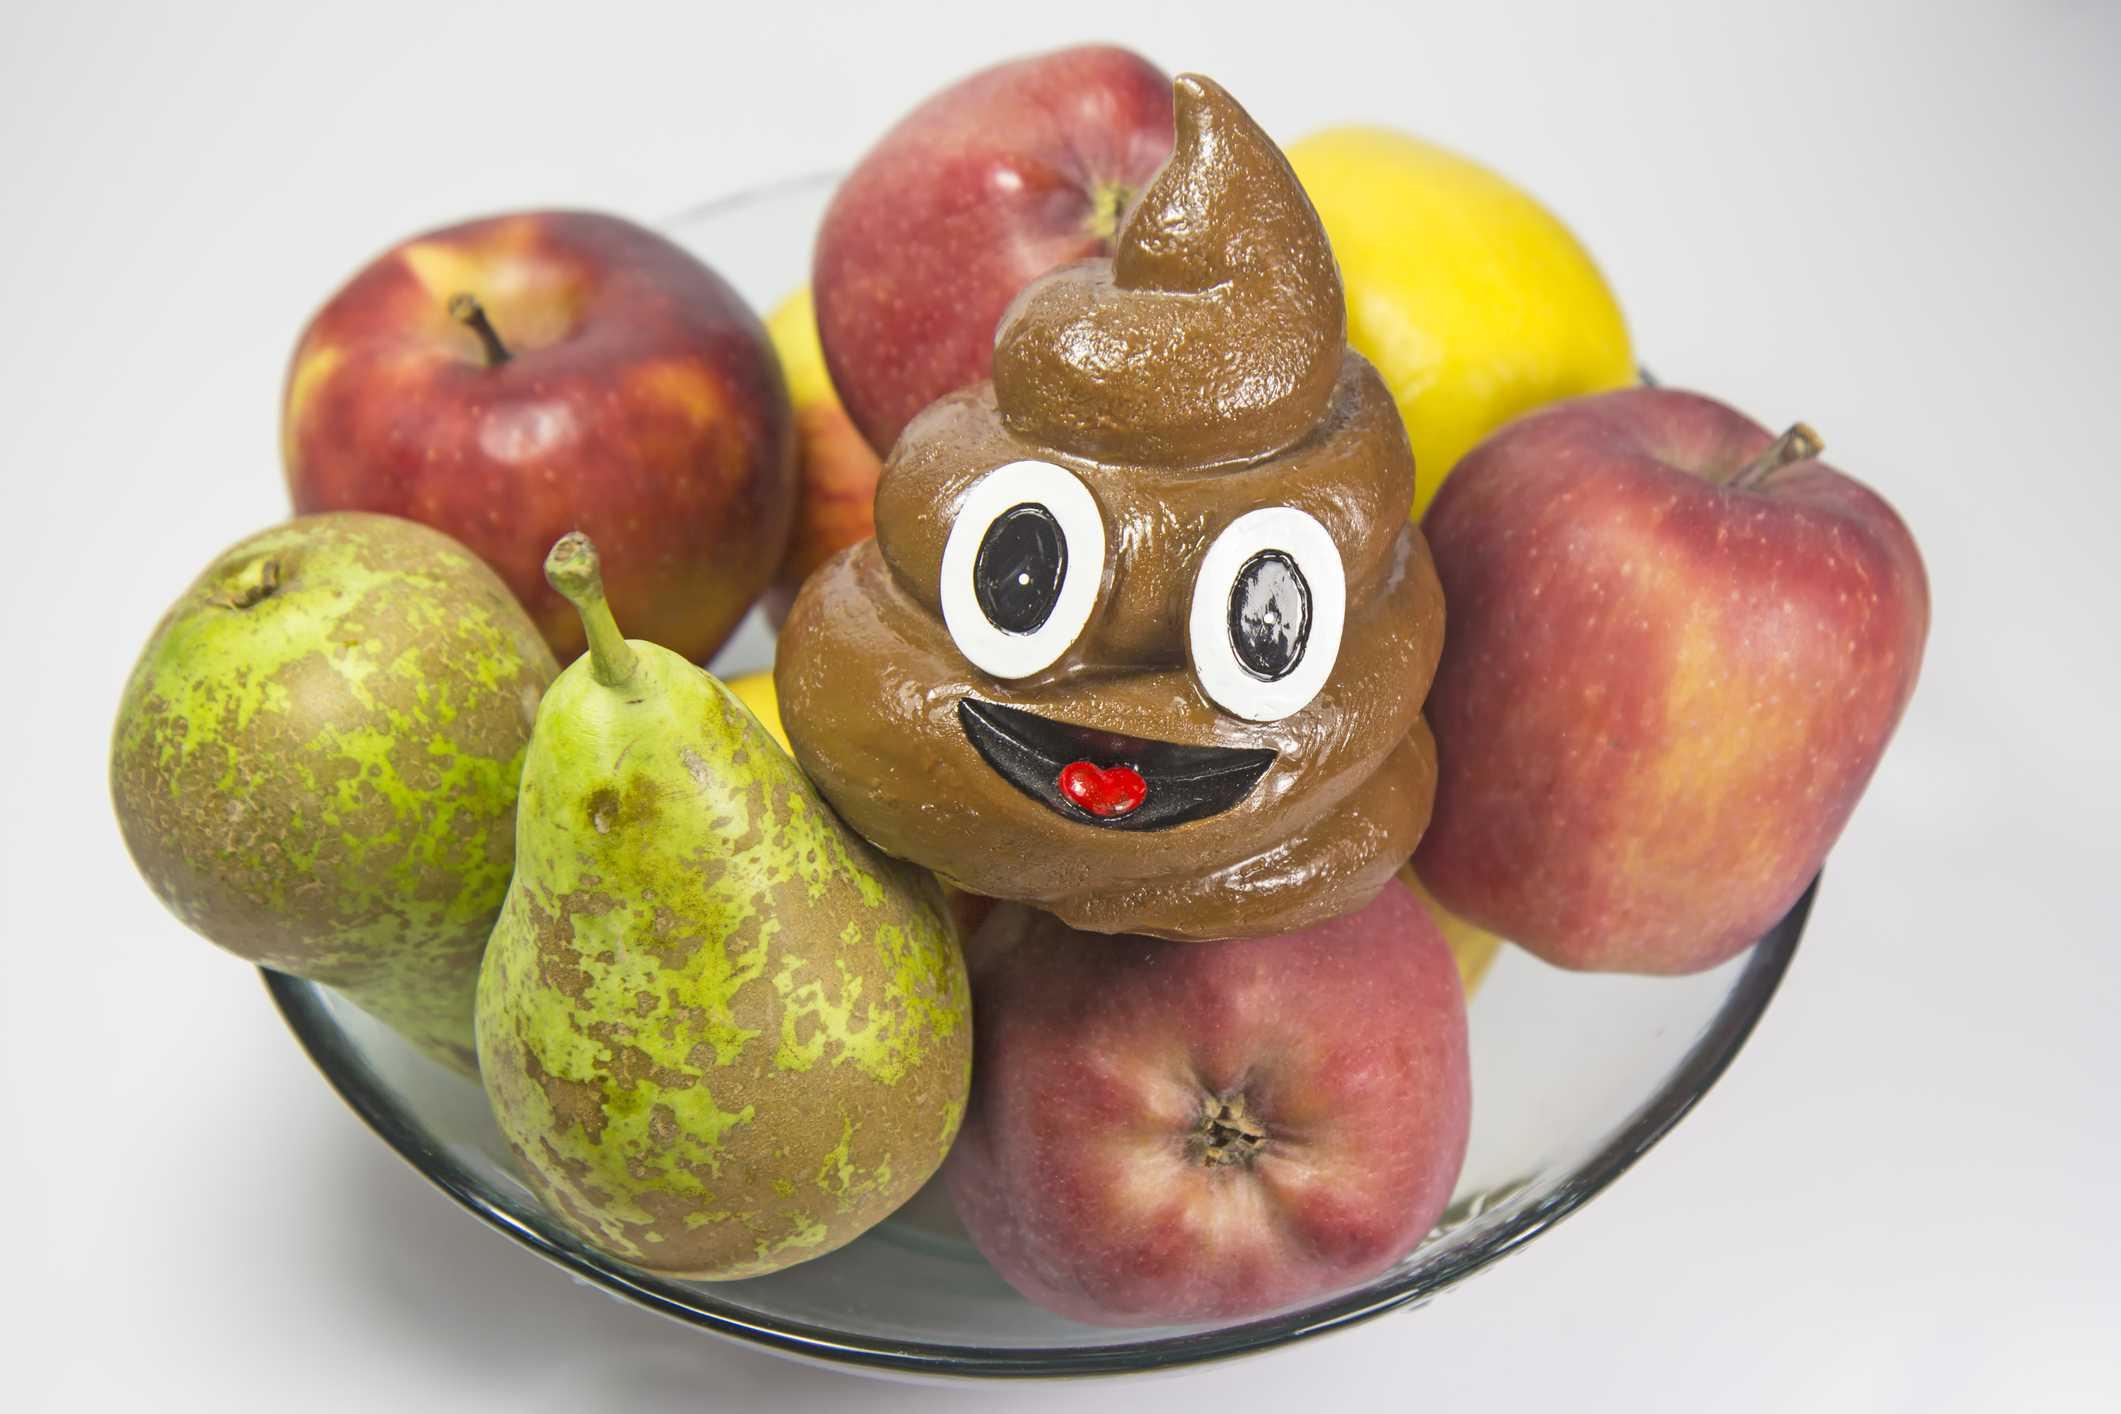 A 3D poop emoji in a bowl of fruit